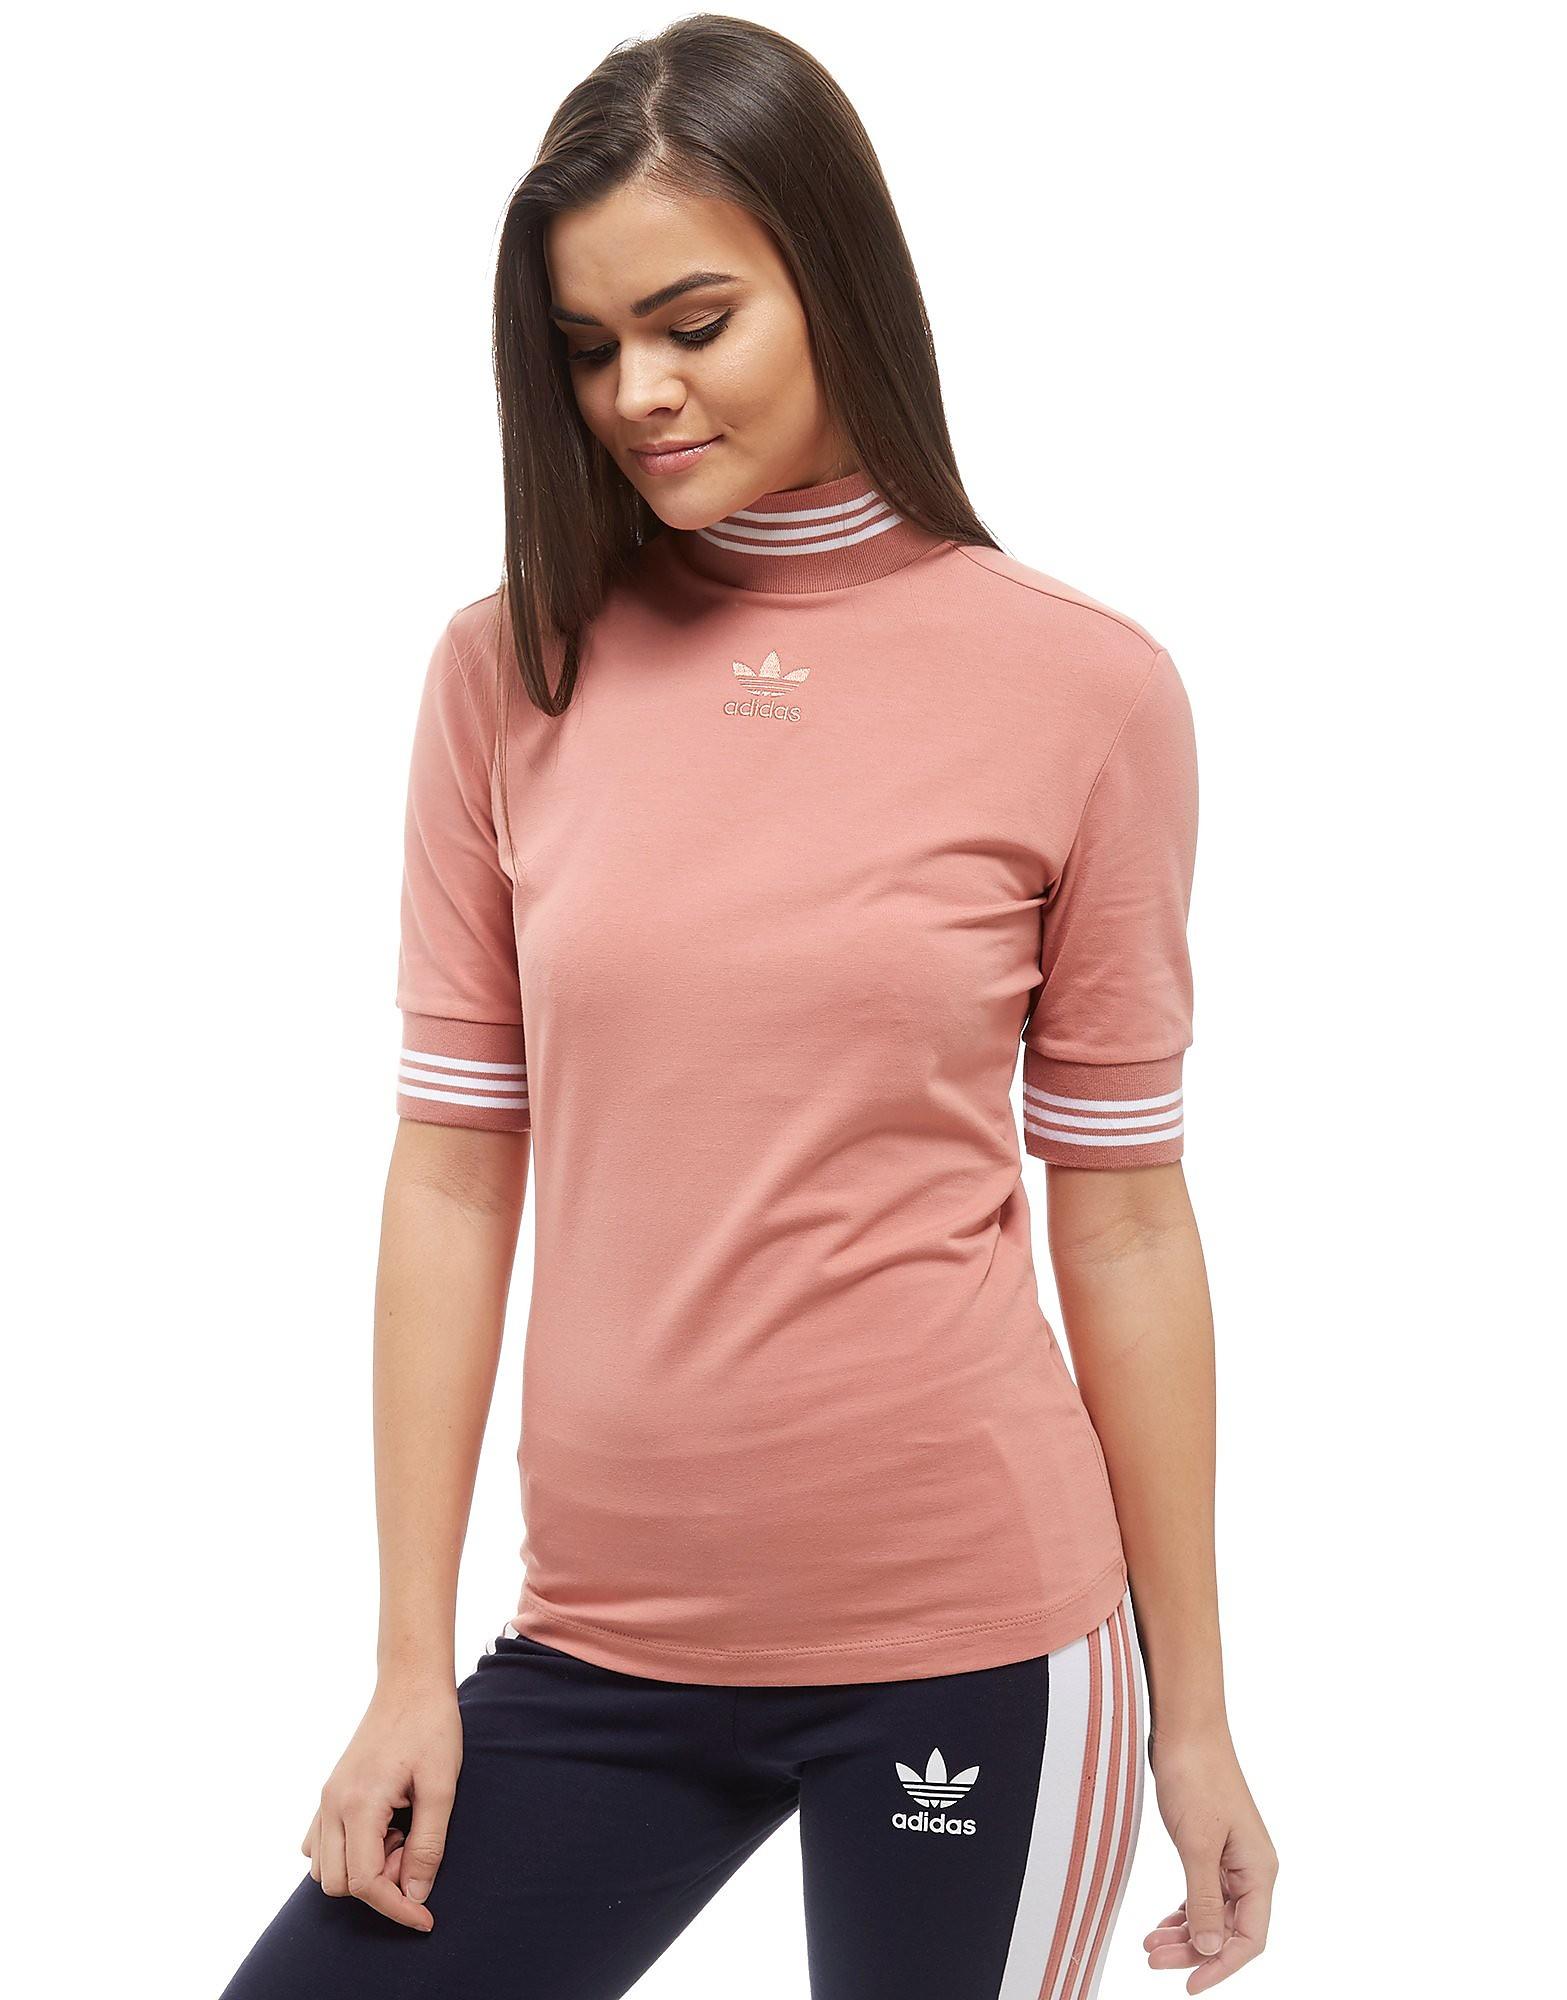 adidas Originals High Neck T-Shirt